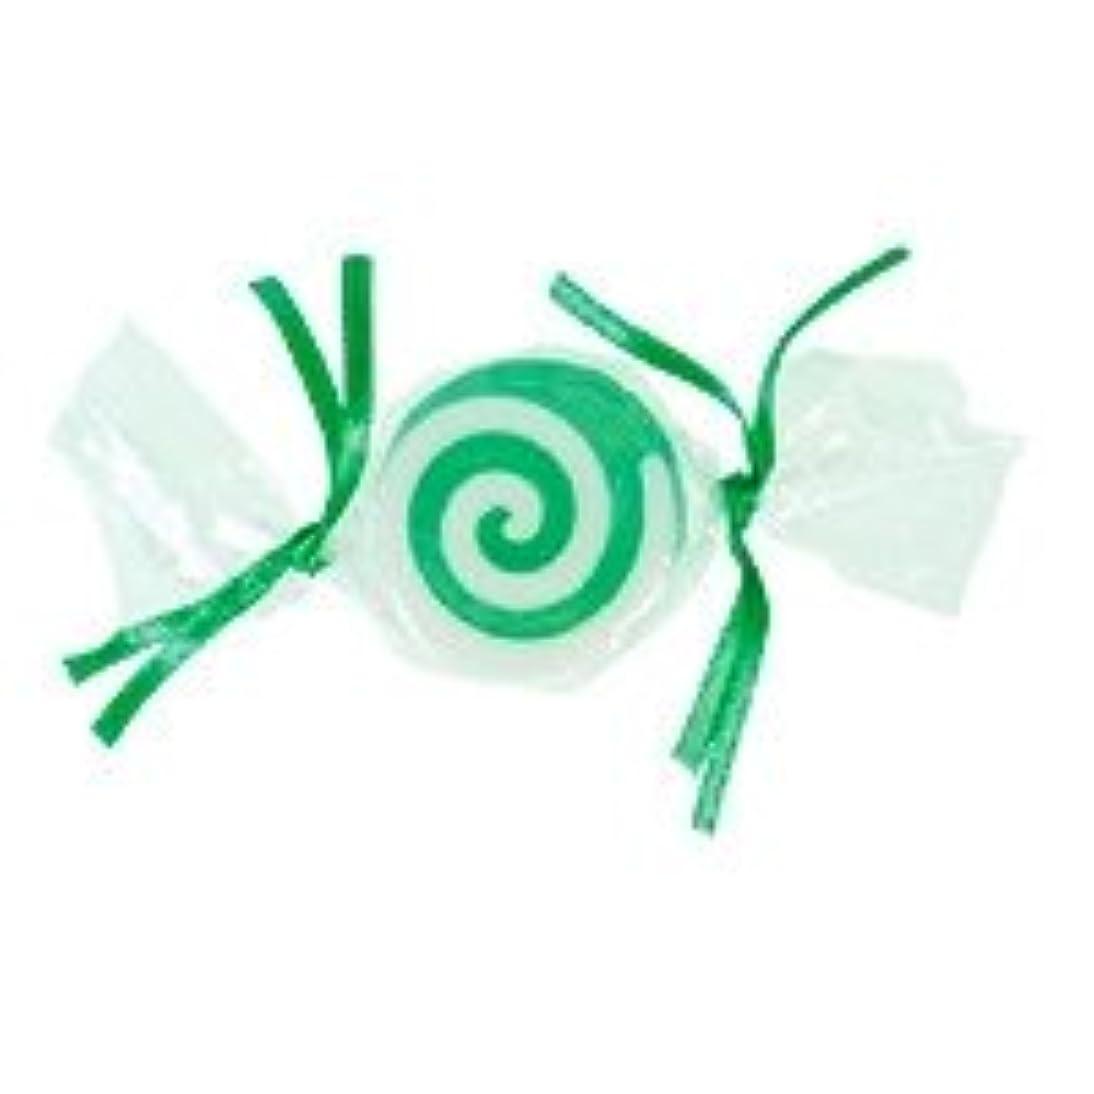 非アクティブ創傷地球ベジタブルソープ キャンディ「グリーン」20個セット グリーンアップルの香り